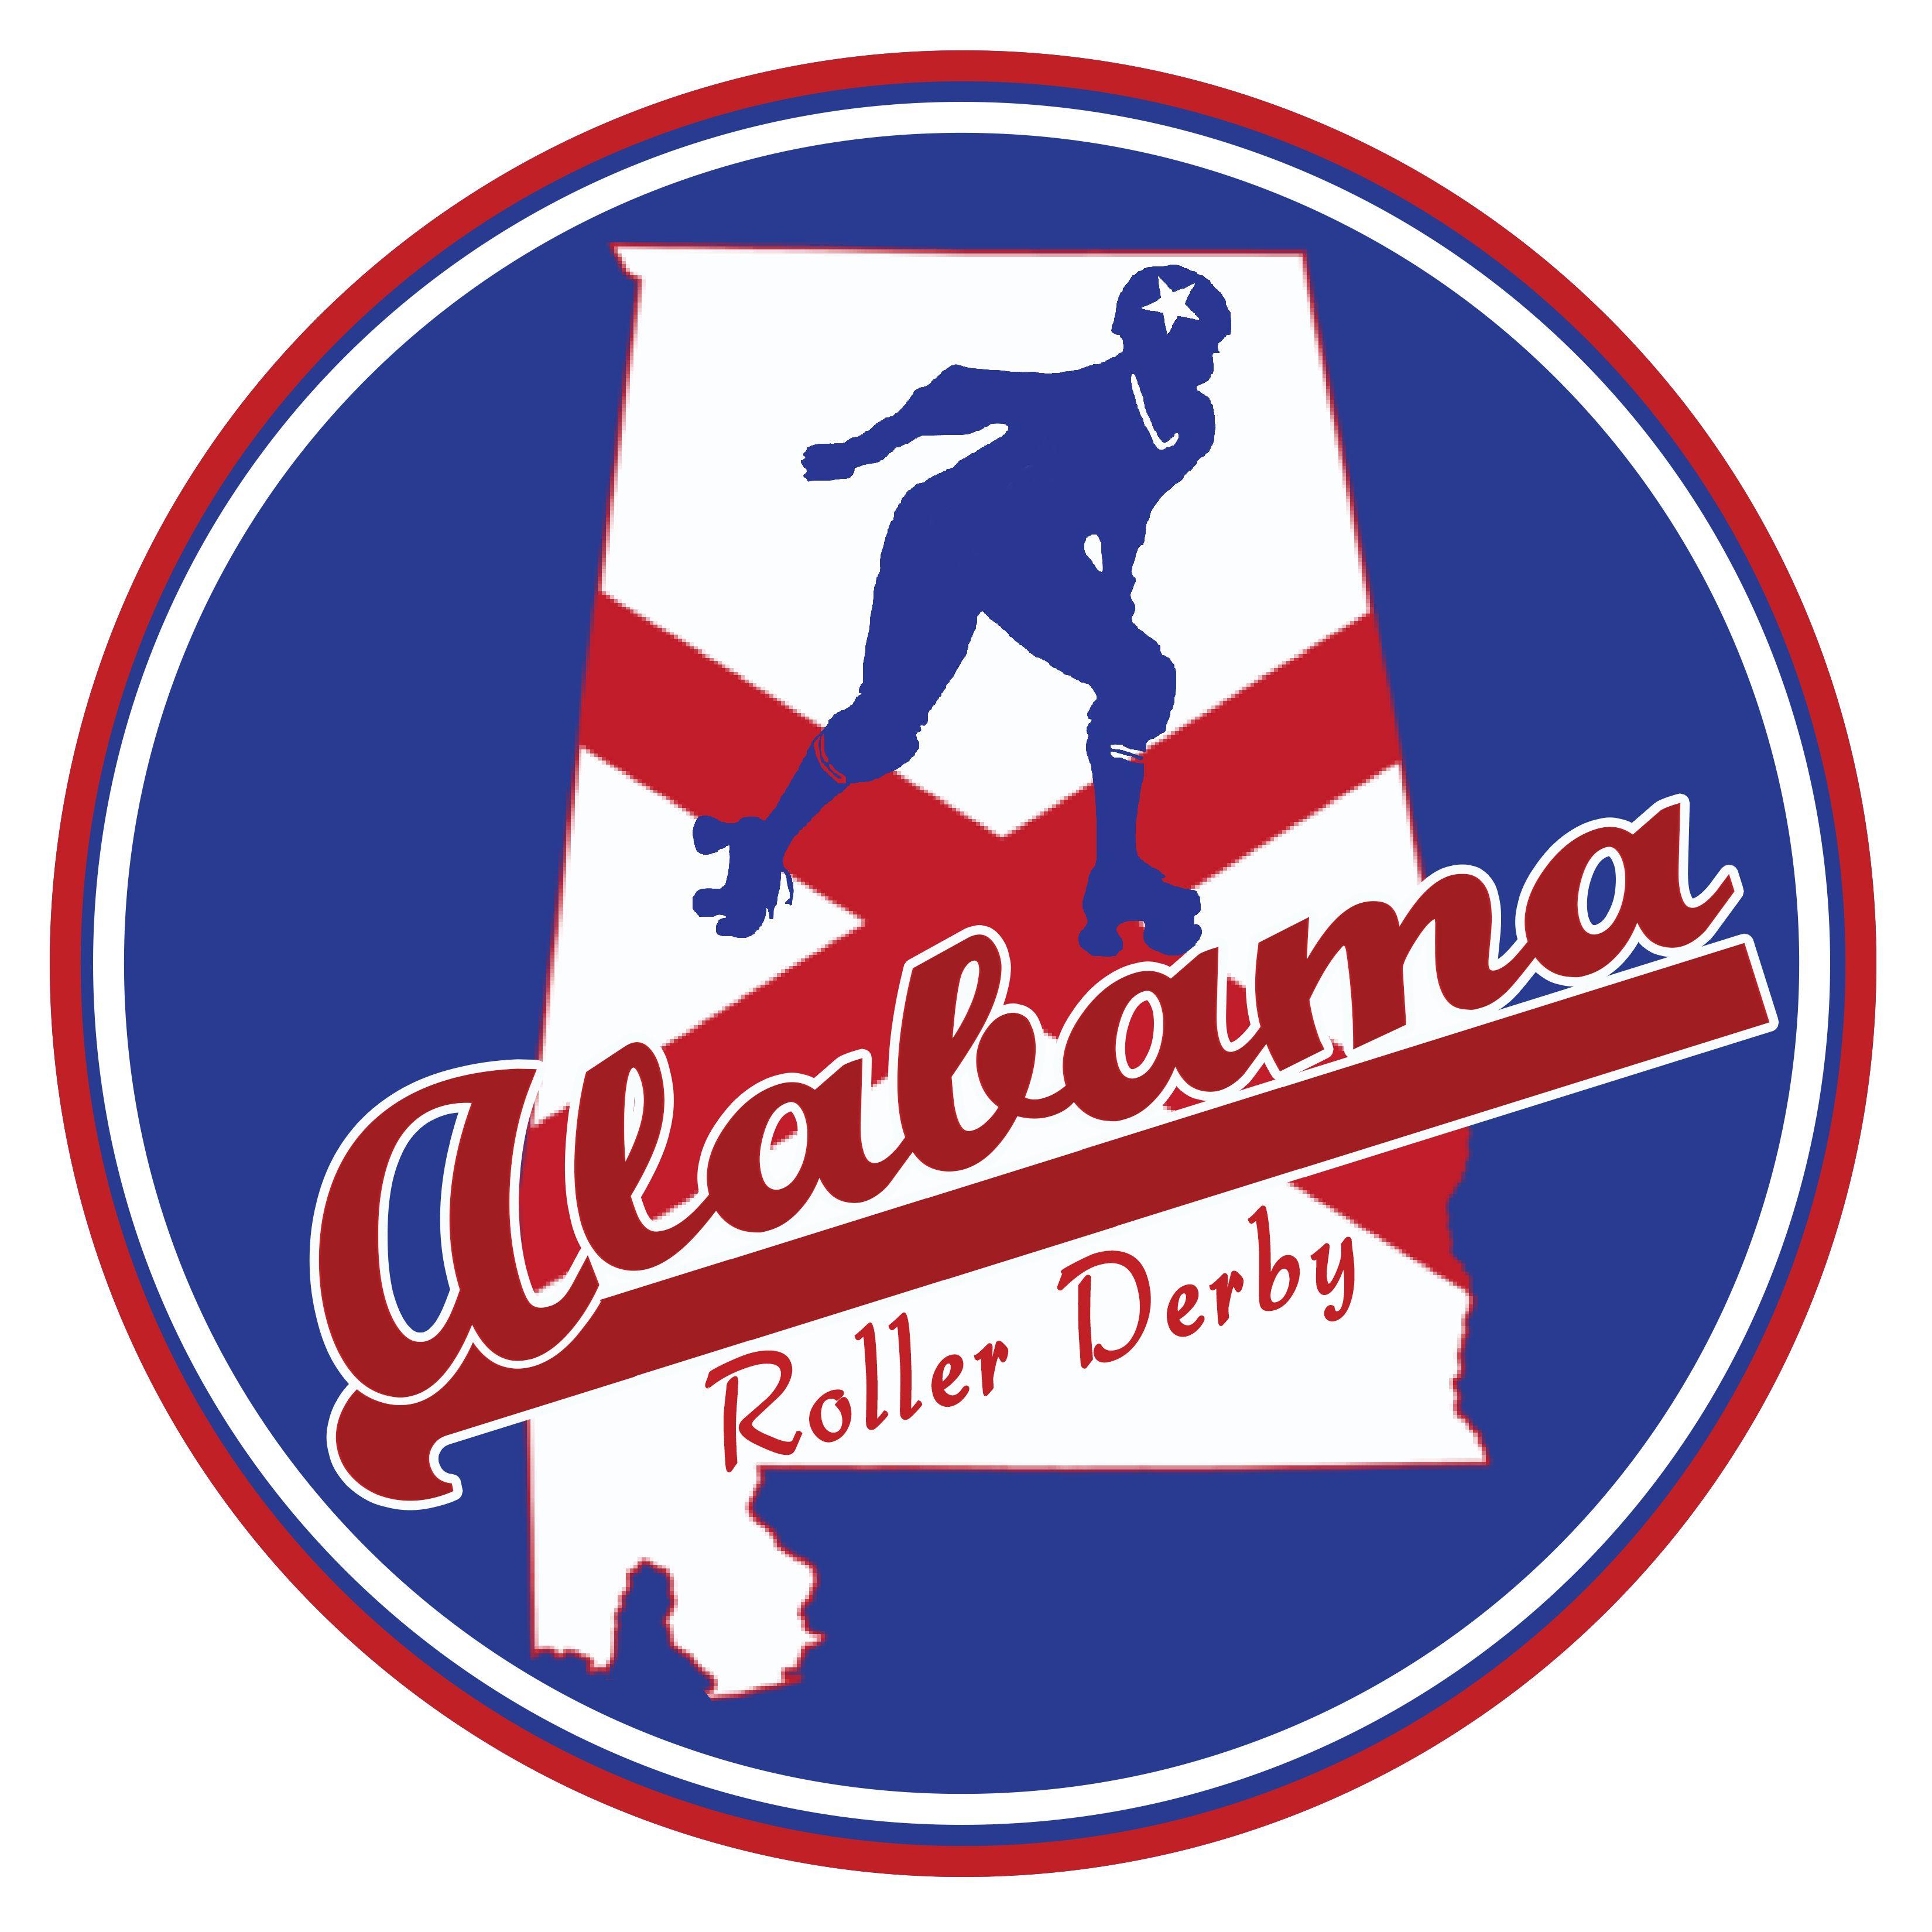 Roller skating rink huntsville al - Alabama Roller Derby Team Official Logo